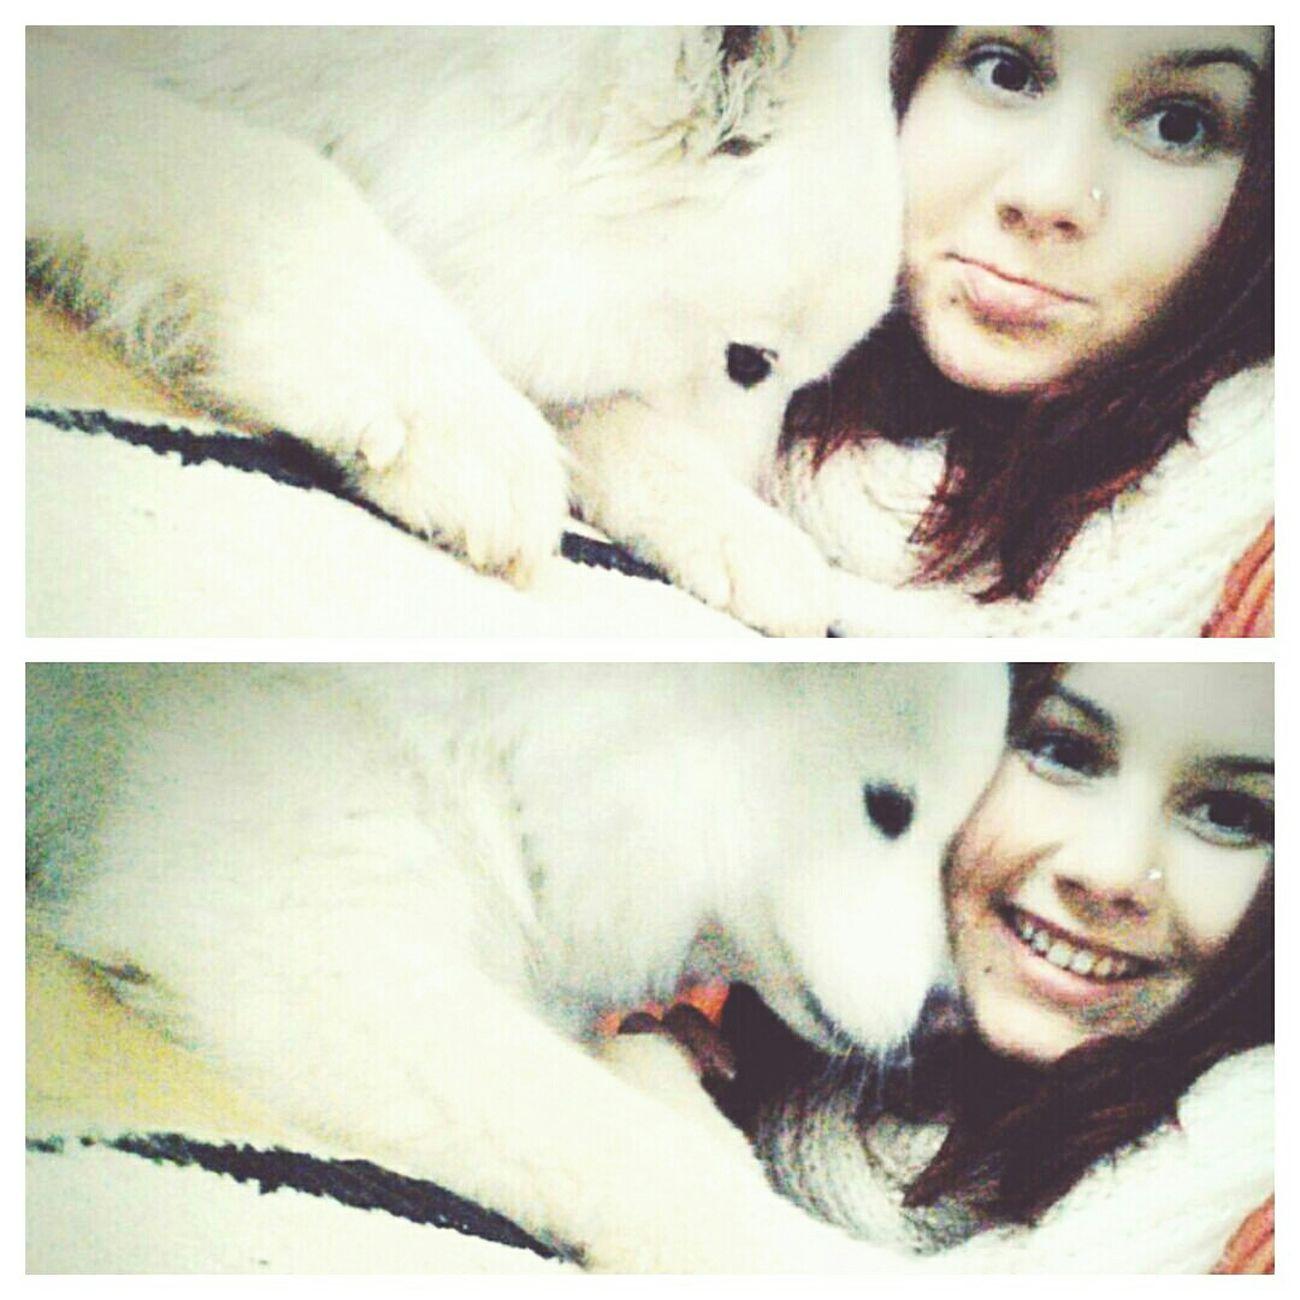 Dog Bestdogintheworld Selfiewithdog Love Bestfriend Cute